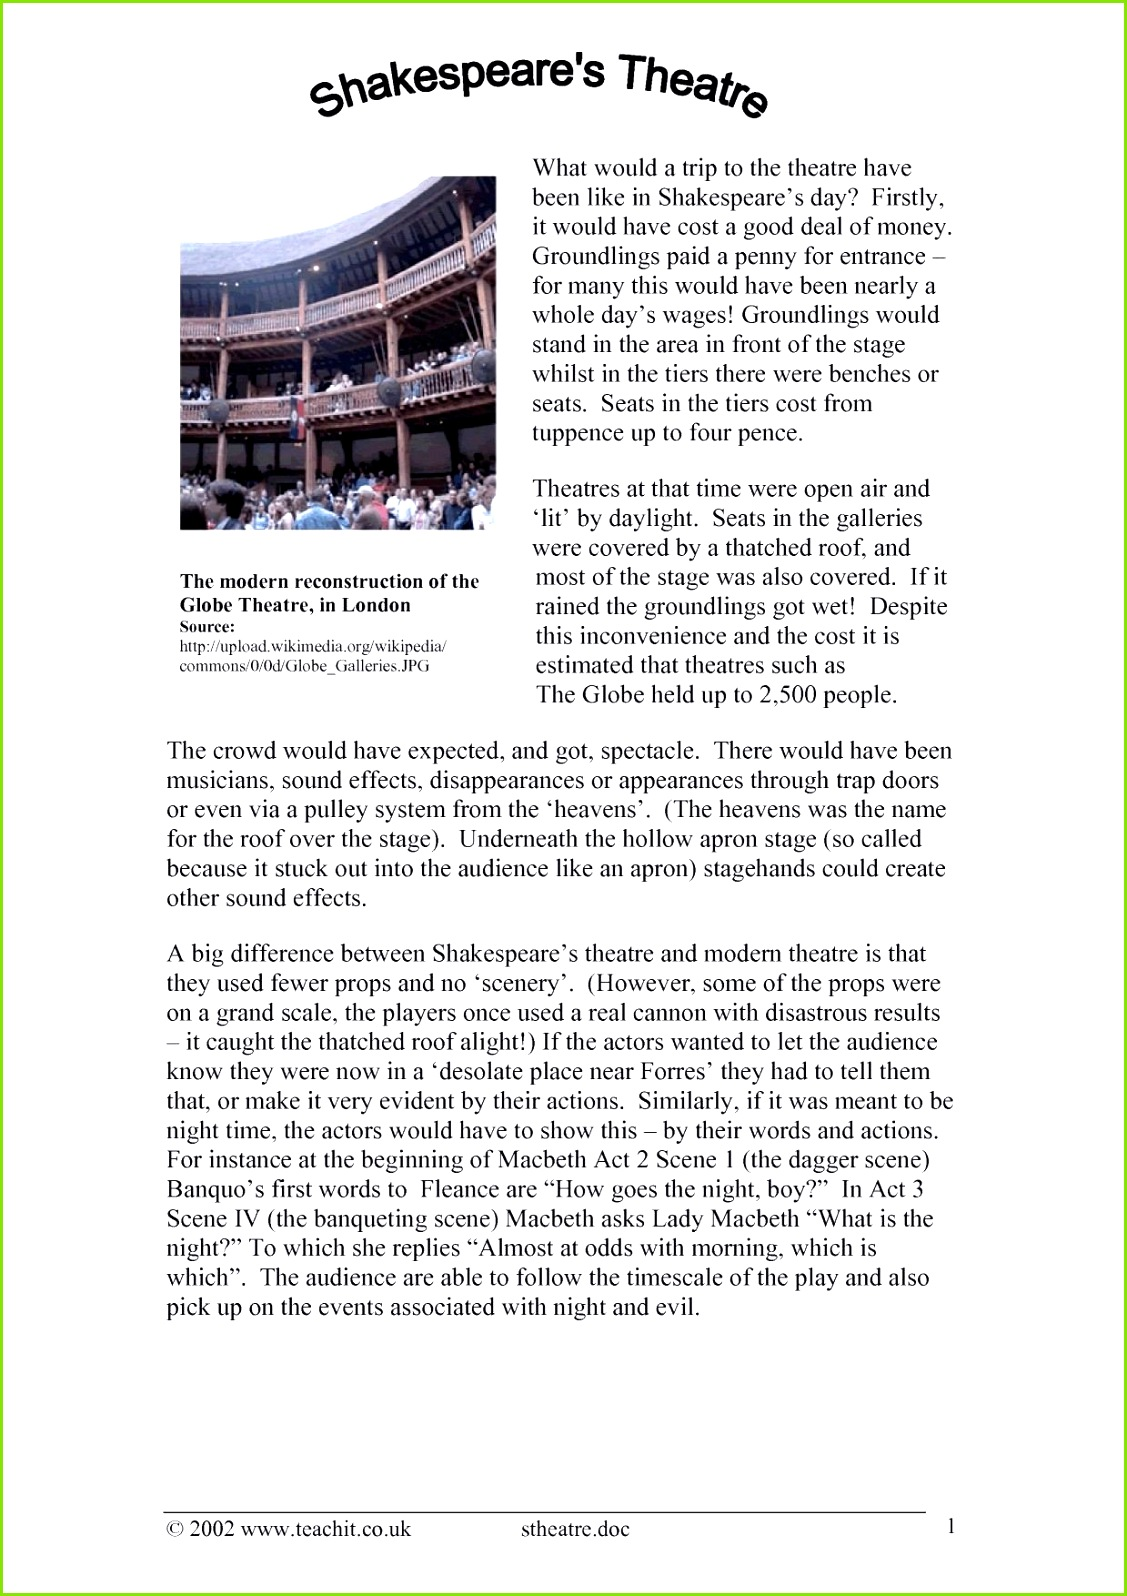 59 Herunterladen Kündigung Schreiben Arbeit Muster Sehr Gut Beispiel Teilzeitjob Bewerbung Muster